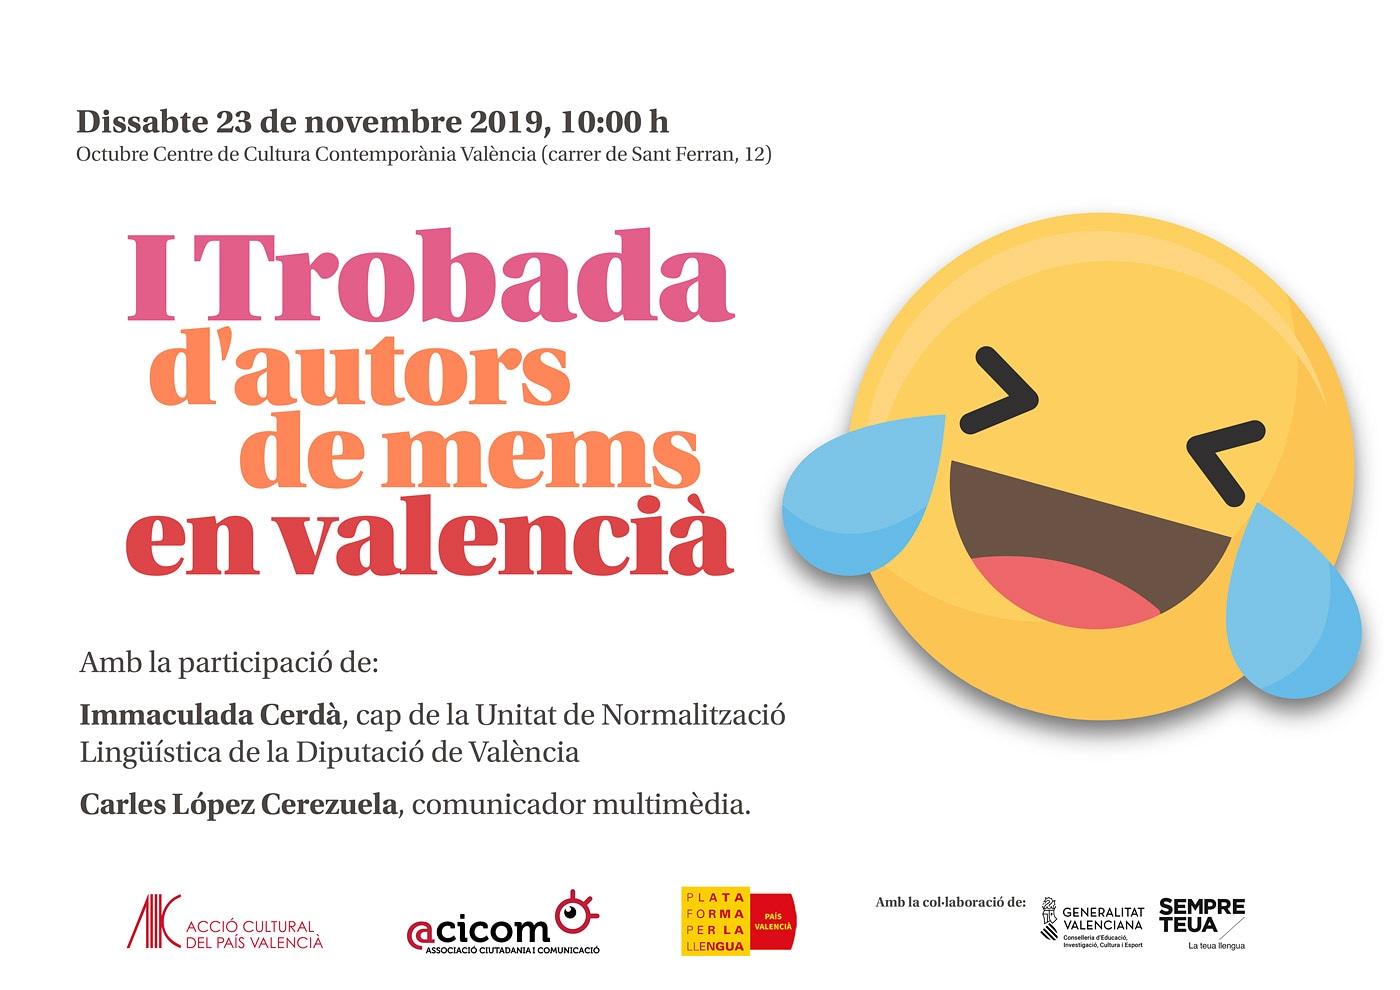 I Trobada d'autors de mems en valencià. Sábado 23 de noviembre a las 10h en OCTUBRE CCC, FCCC2019 | ACICOM